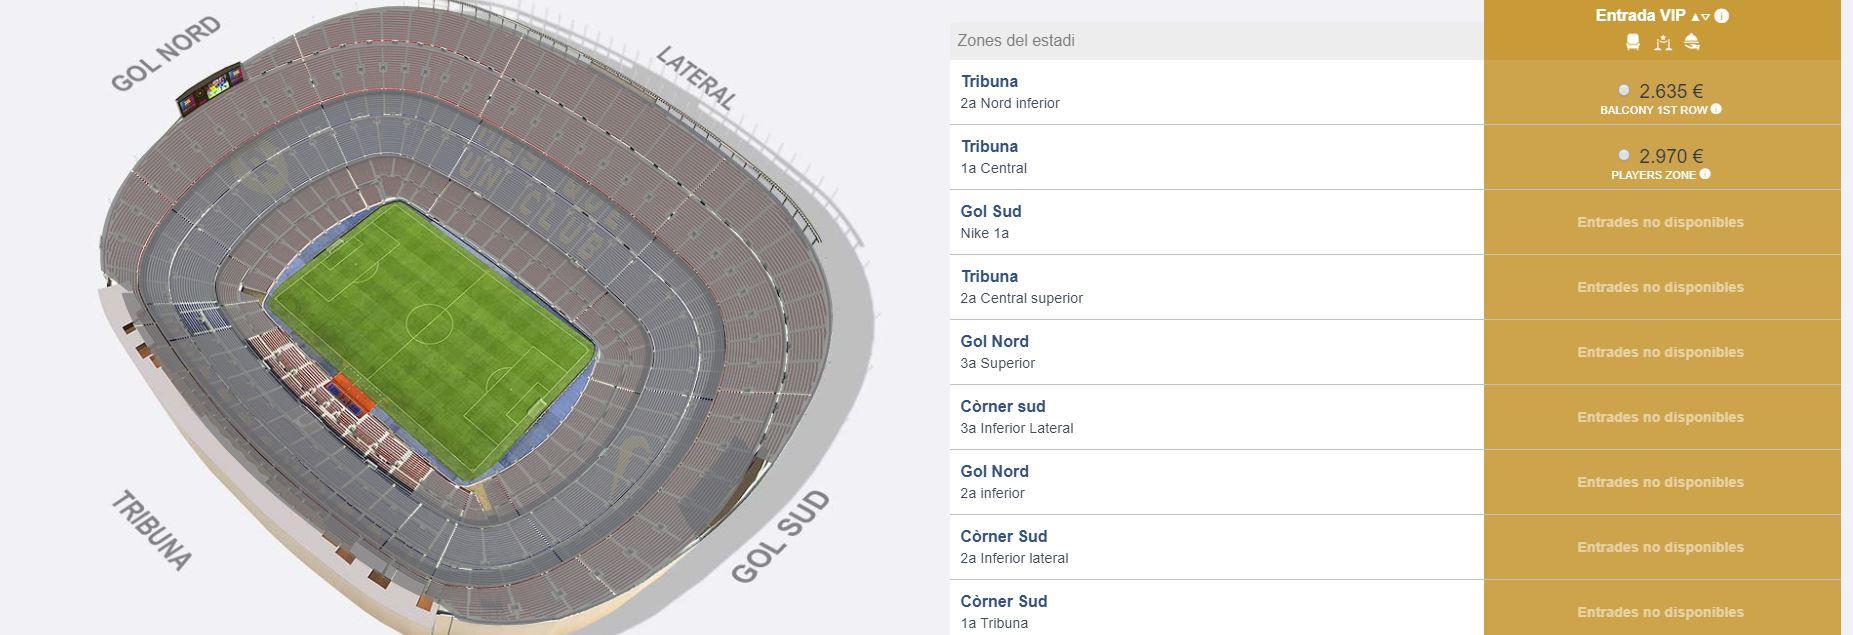 Cât costă cel mai scump bilet la Barcelona - Liverpool